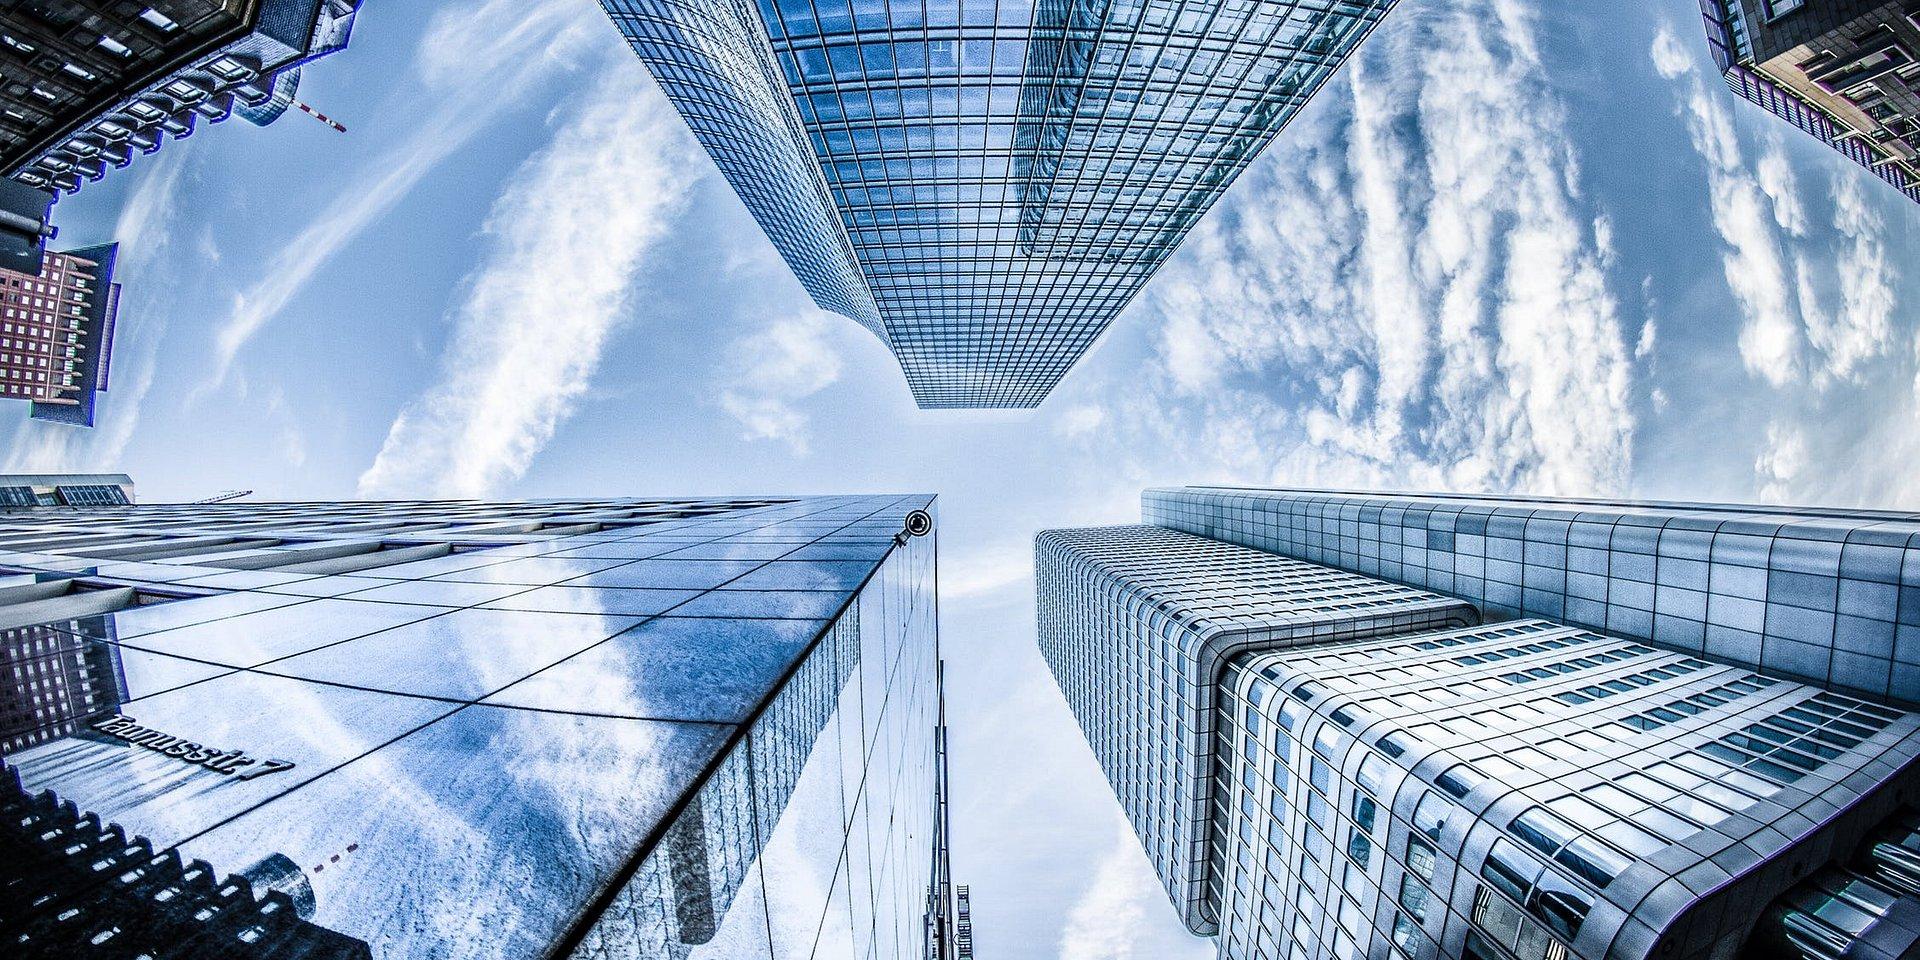 Globalne trendy, które zmieniają rynek pracy i… przestrzenie biurowe